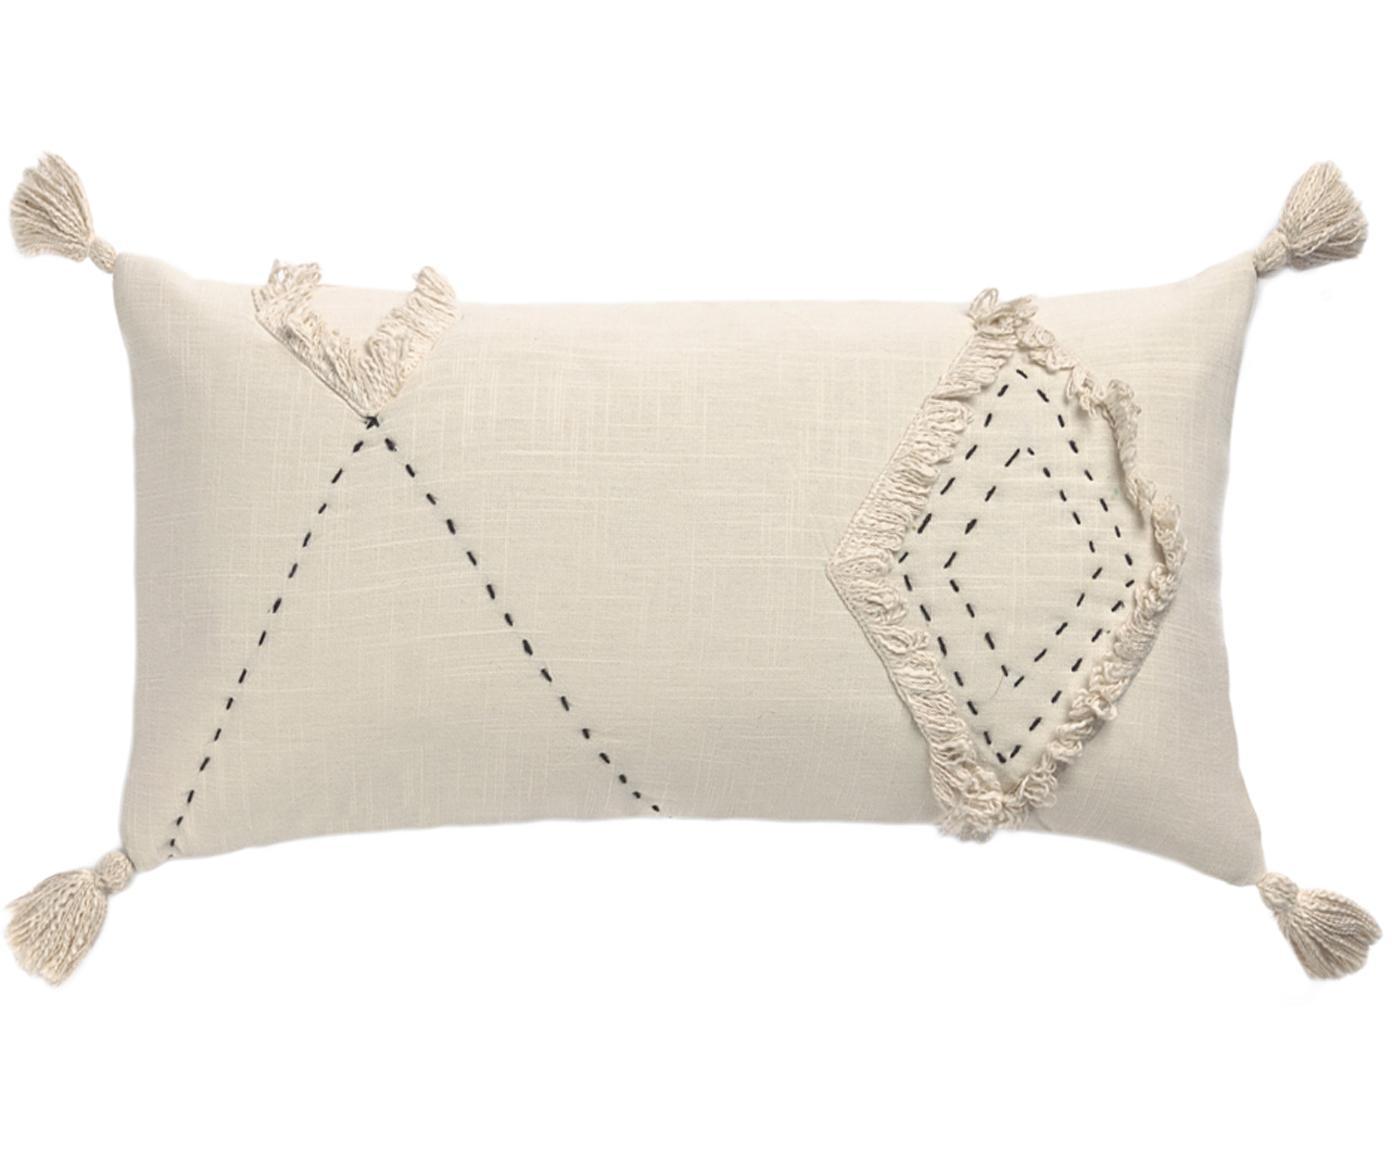 Kissenhülle Lienzo mit Hoch-Tief-Muster, 100% Baumwolle, Gebrochenes Weiß, 30 x 60 cm